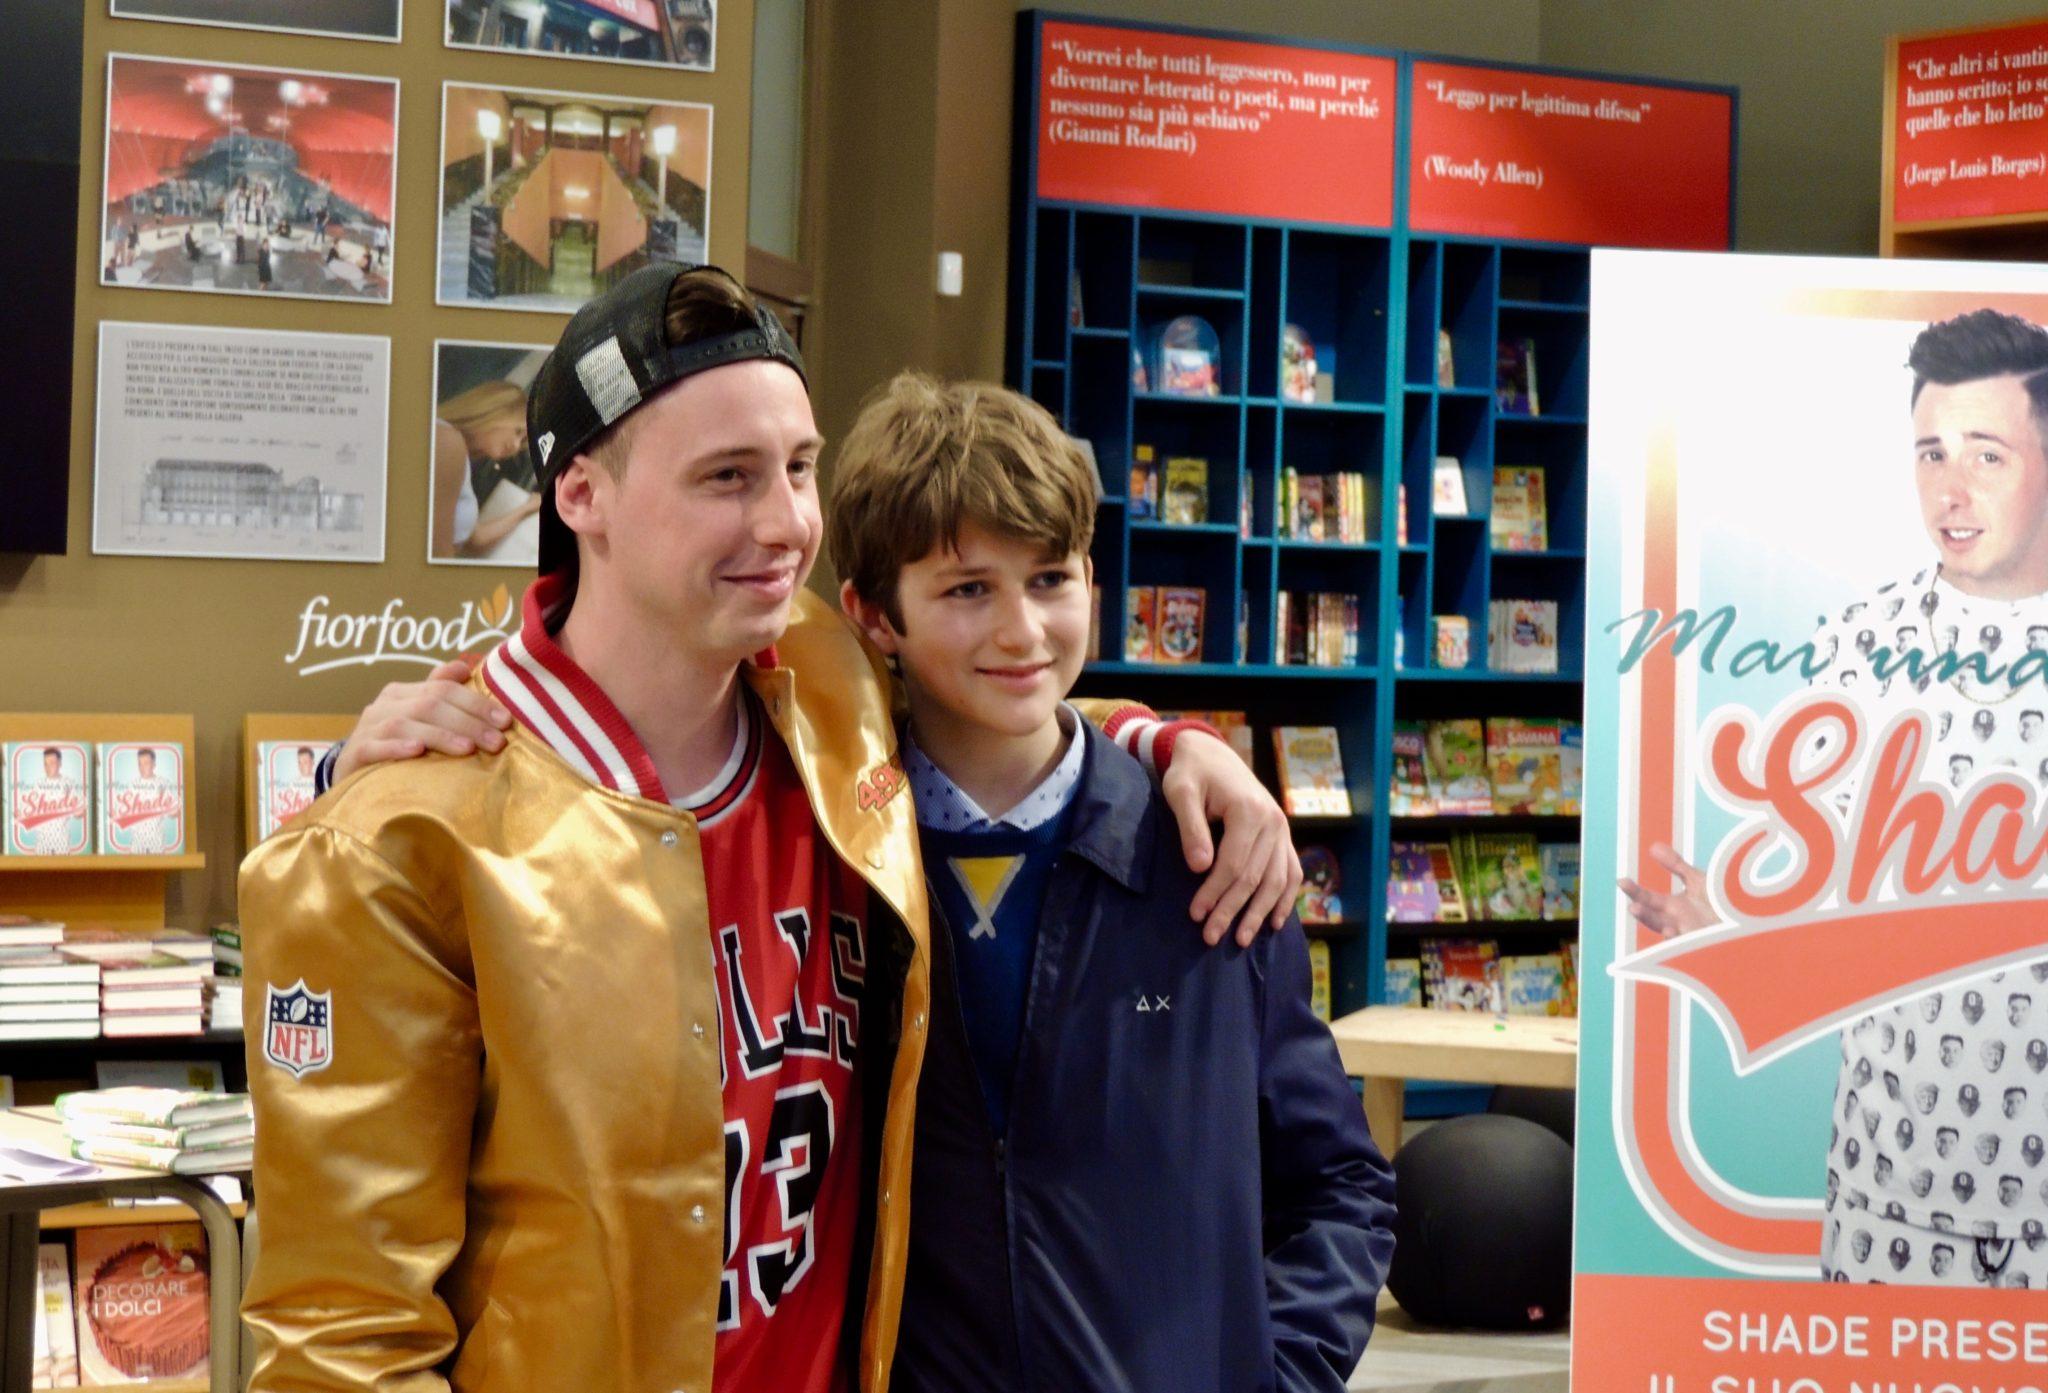 Tre guide speciali ci raccontano Torino: il rapper Shade e i due giovani protagonisti del film di Francesco Mandelli ambientato in città